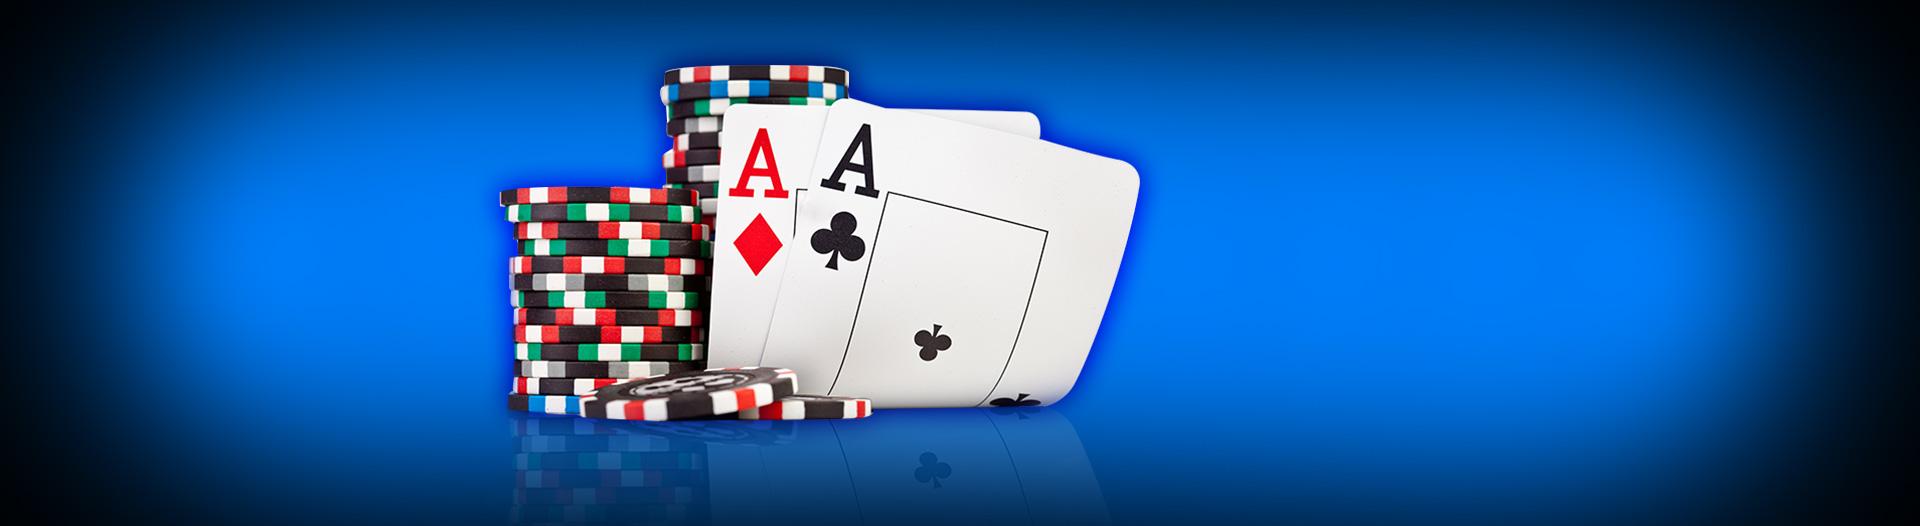 Un site web qui évoque ma passion pour ce jeu de cartes